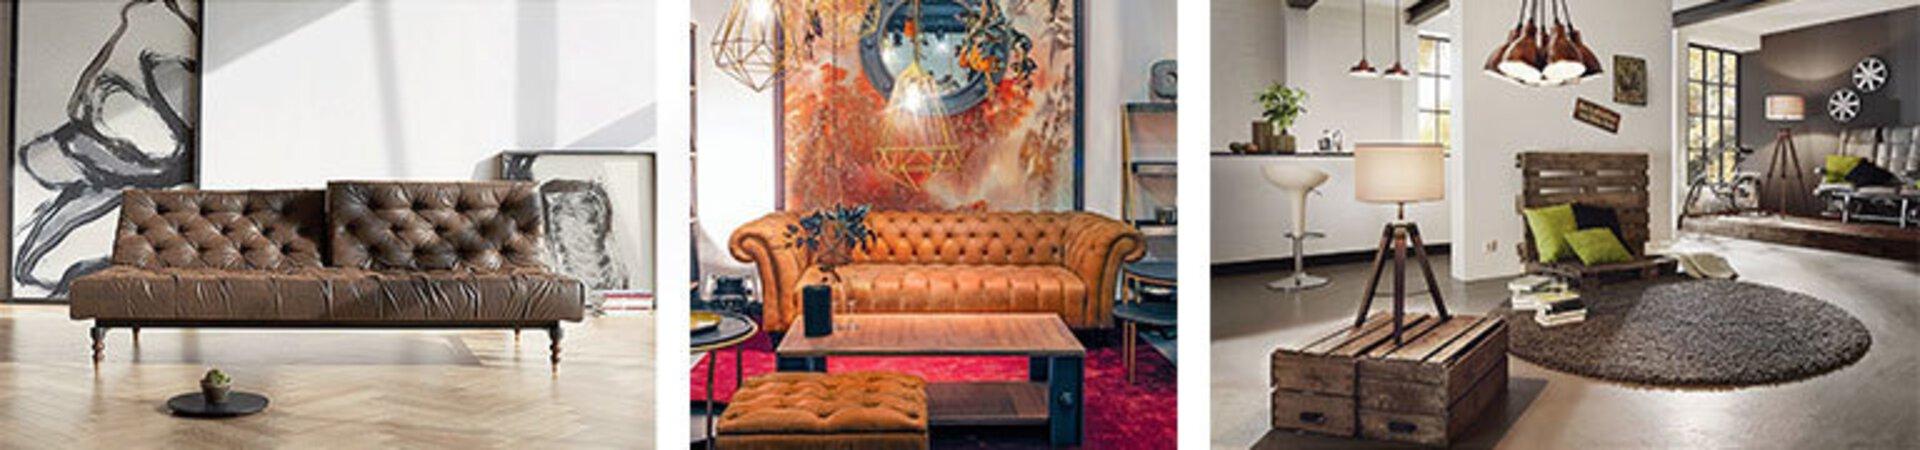 Zeigen Sie Ihre nostalgische Seite mit einer Vintage Einrichtung im Wohnzimmer. Gespreizte Füße, Retro-Linien und grafische Motive, eine Deko die in die Vergangenheit zurück geht.